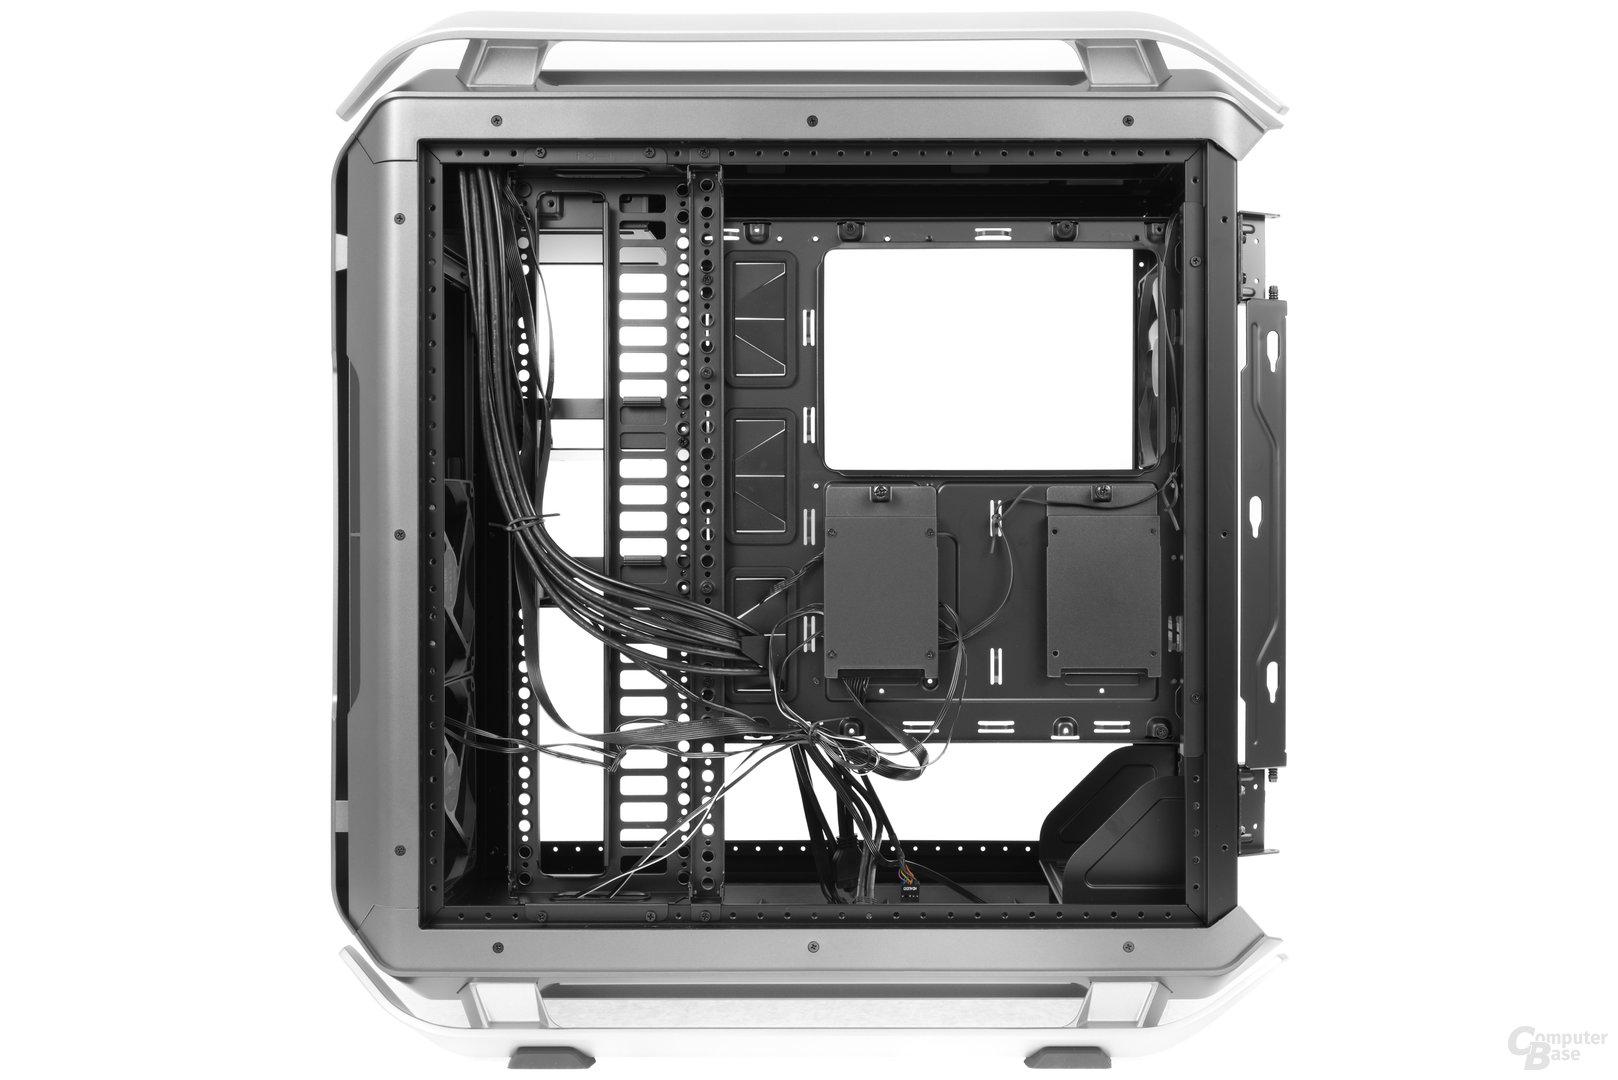 Cooler Master Cosmos C700P – Verkleidung an der Rückseite entnommen